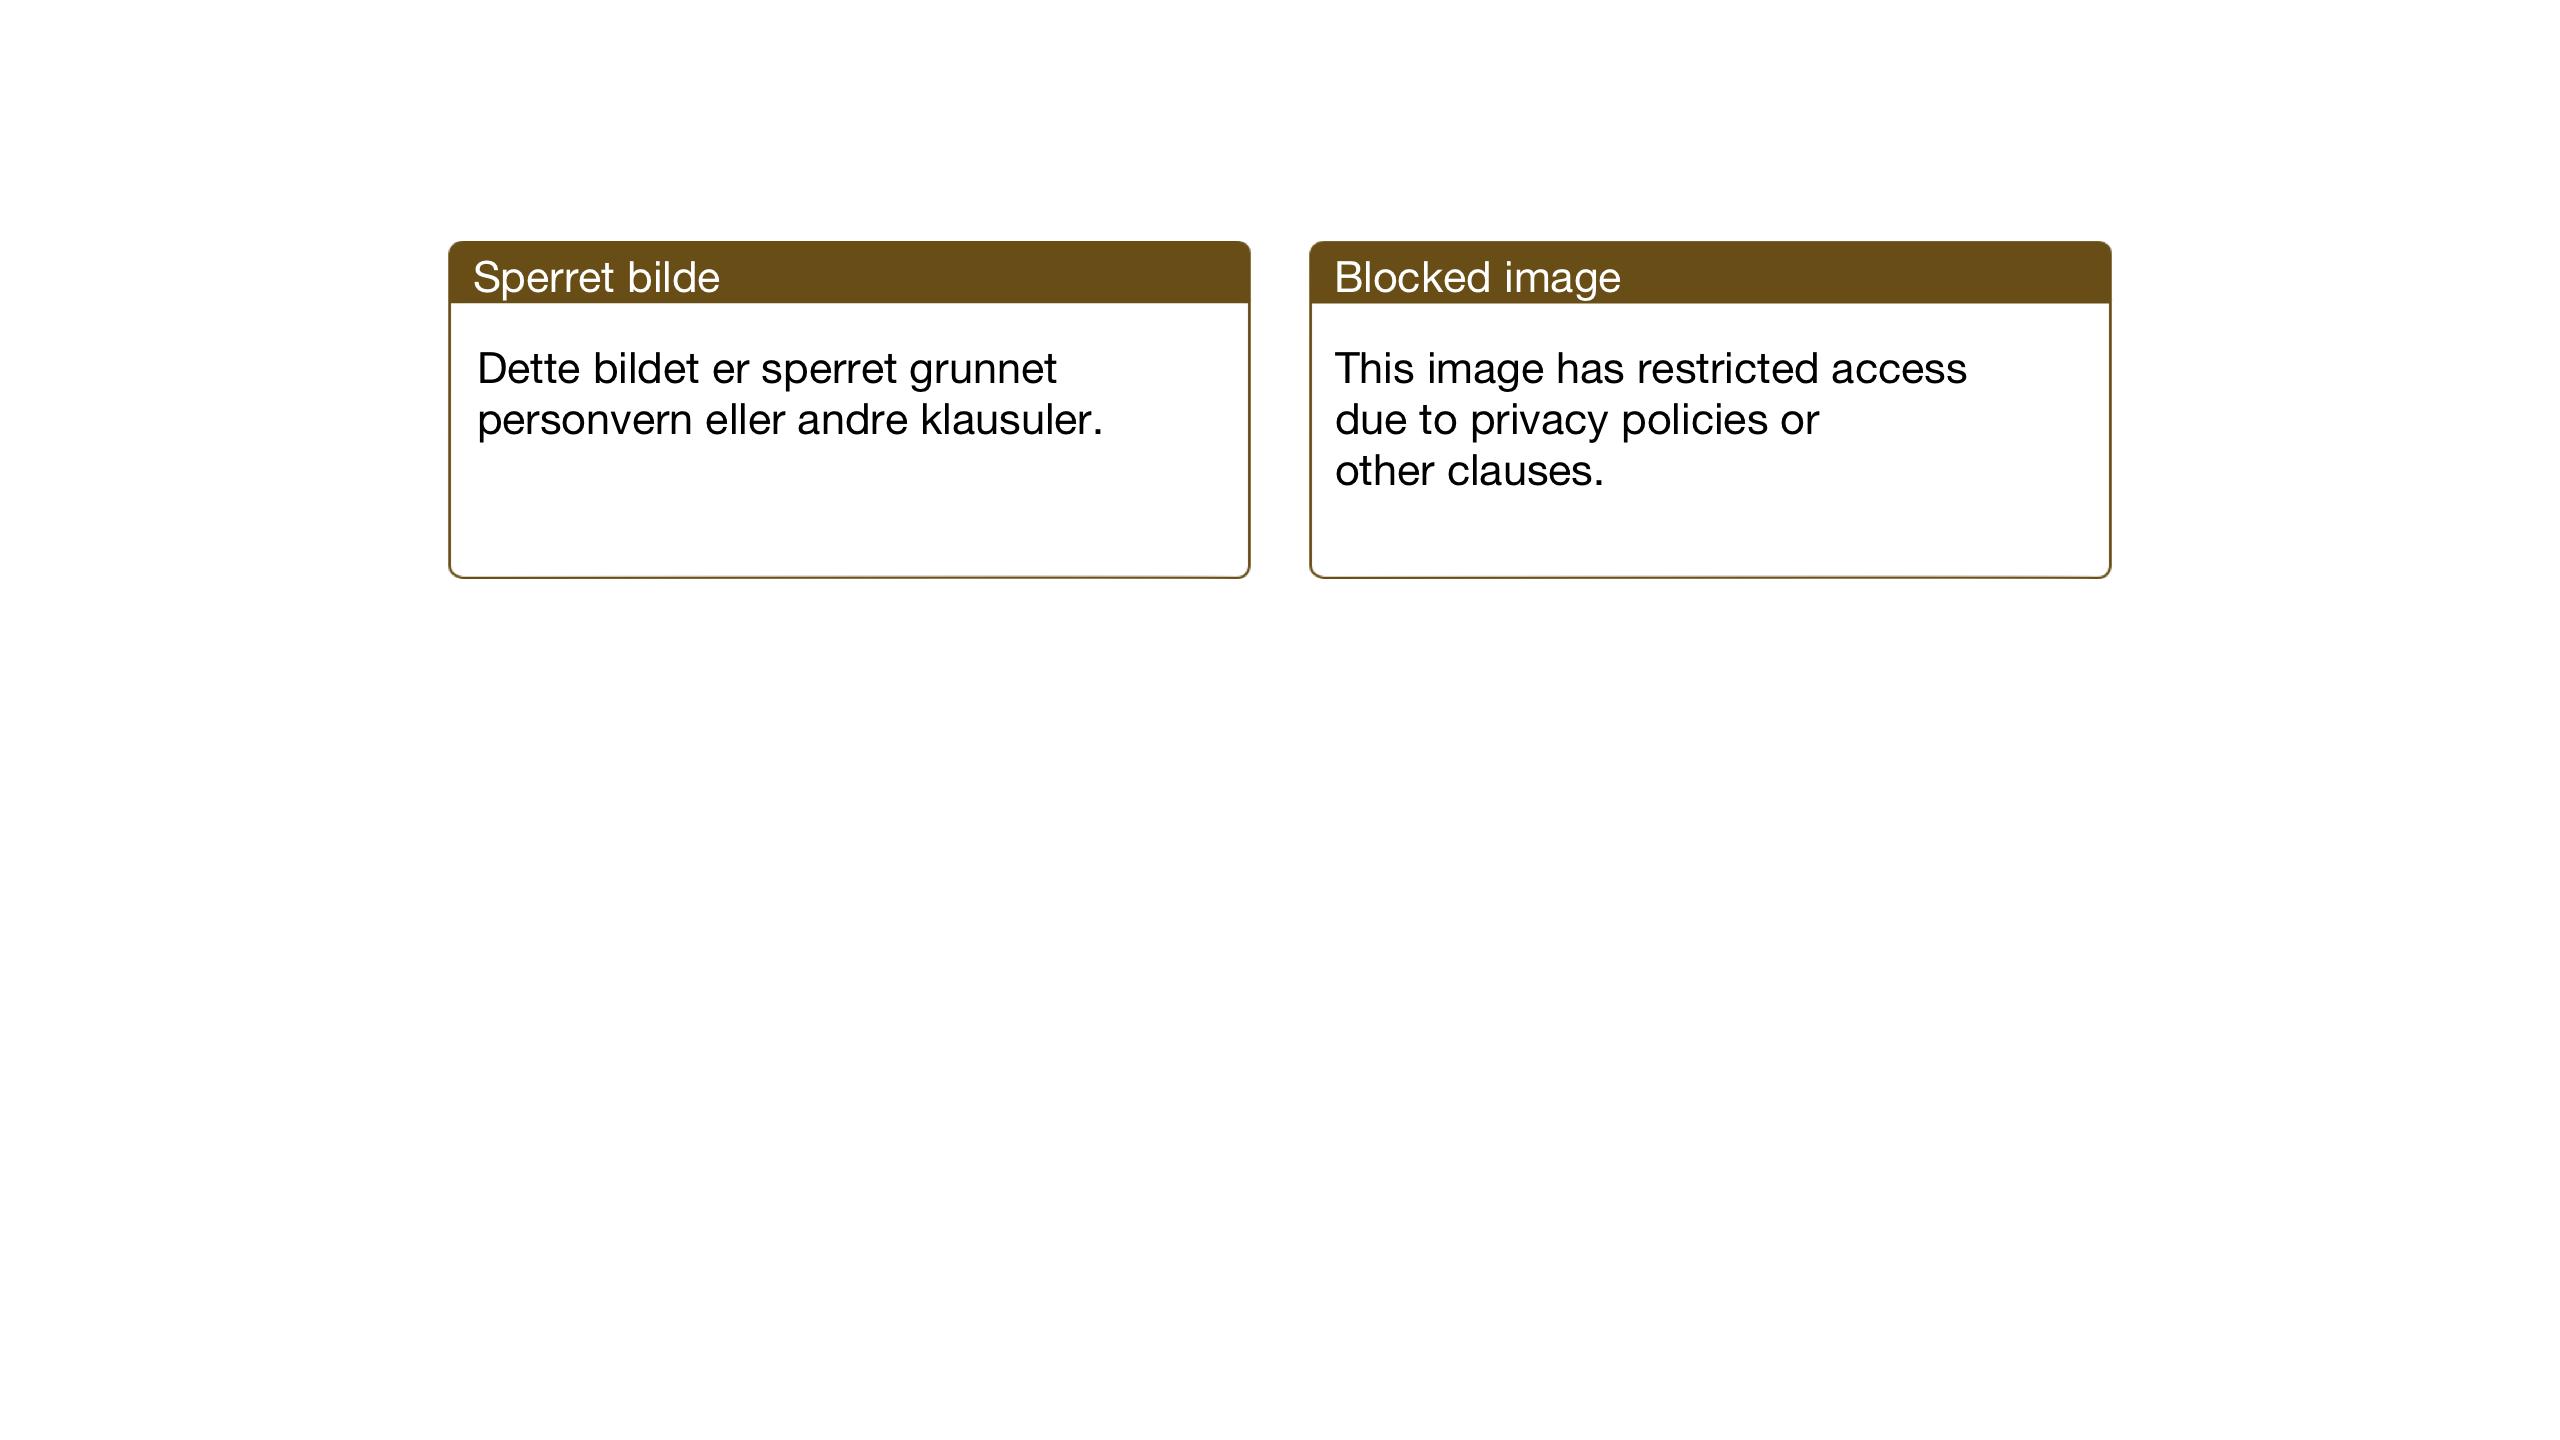 SAT, Ministerialprotokoller, klokkerbøker og fødselsregistre - Sør-Trøndelag, 604/L0228: Klokkerbok nr. 604C11, 1928-1950, s. 224